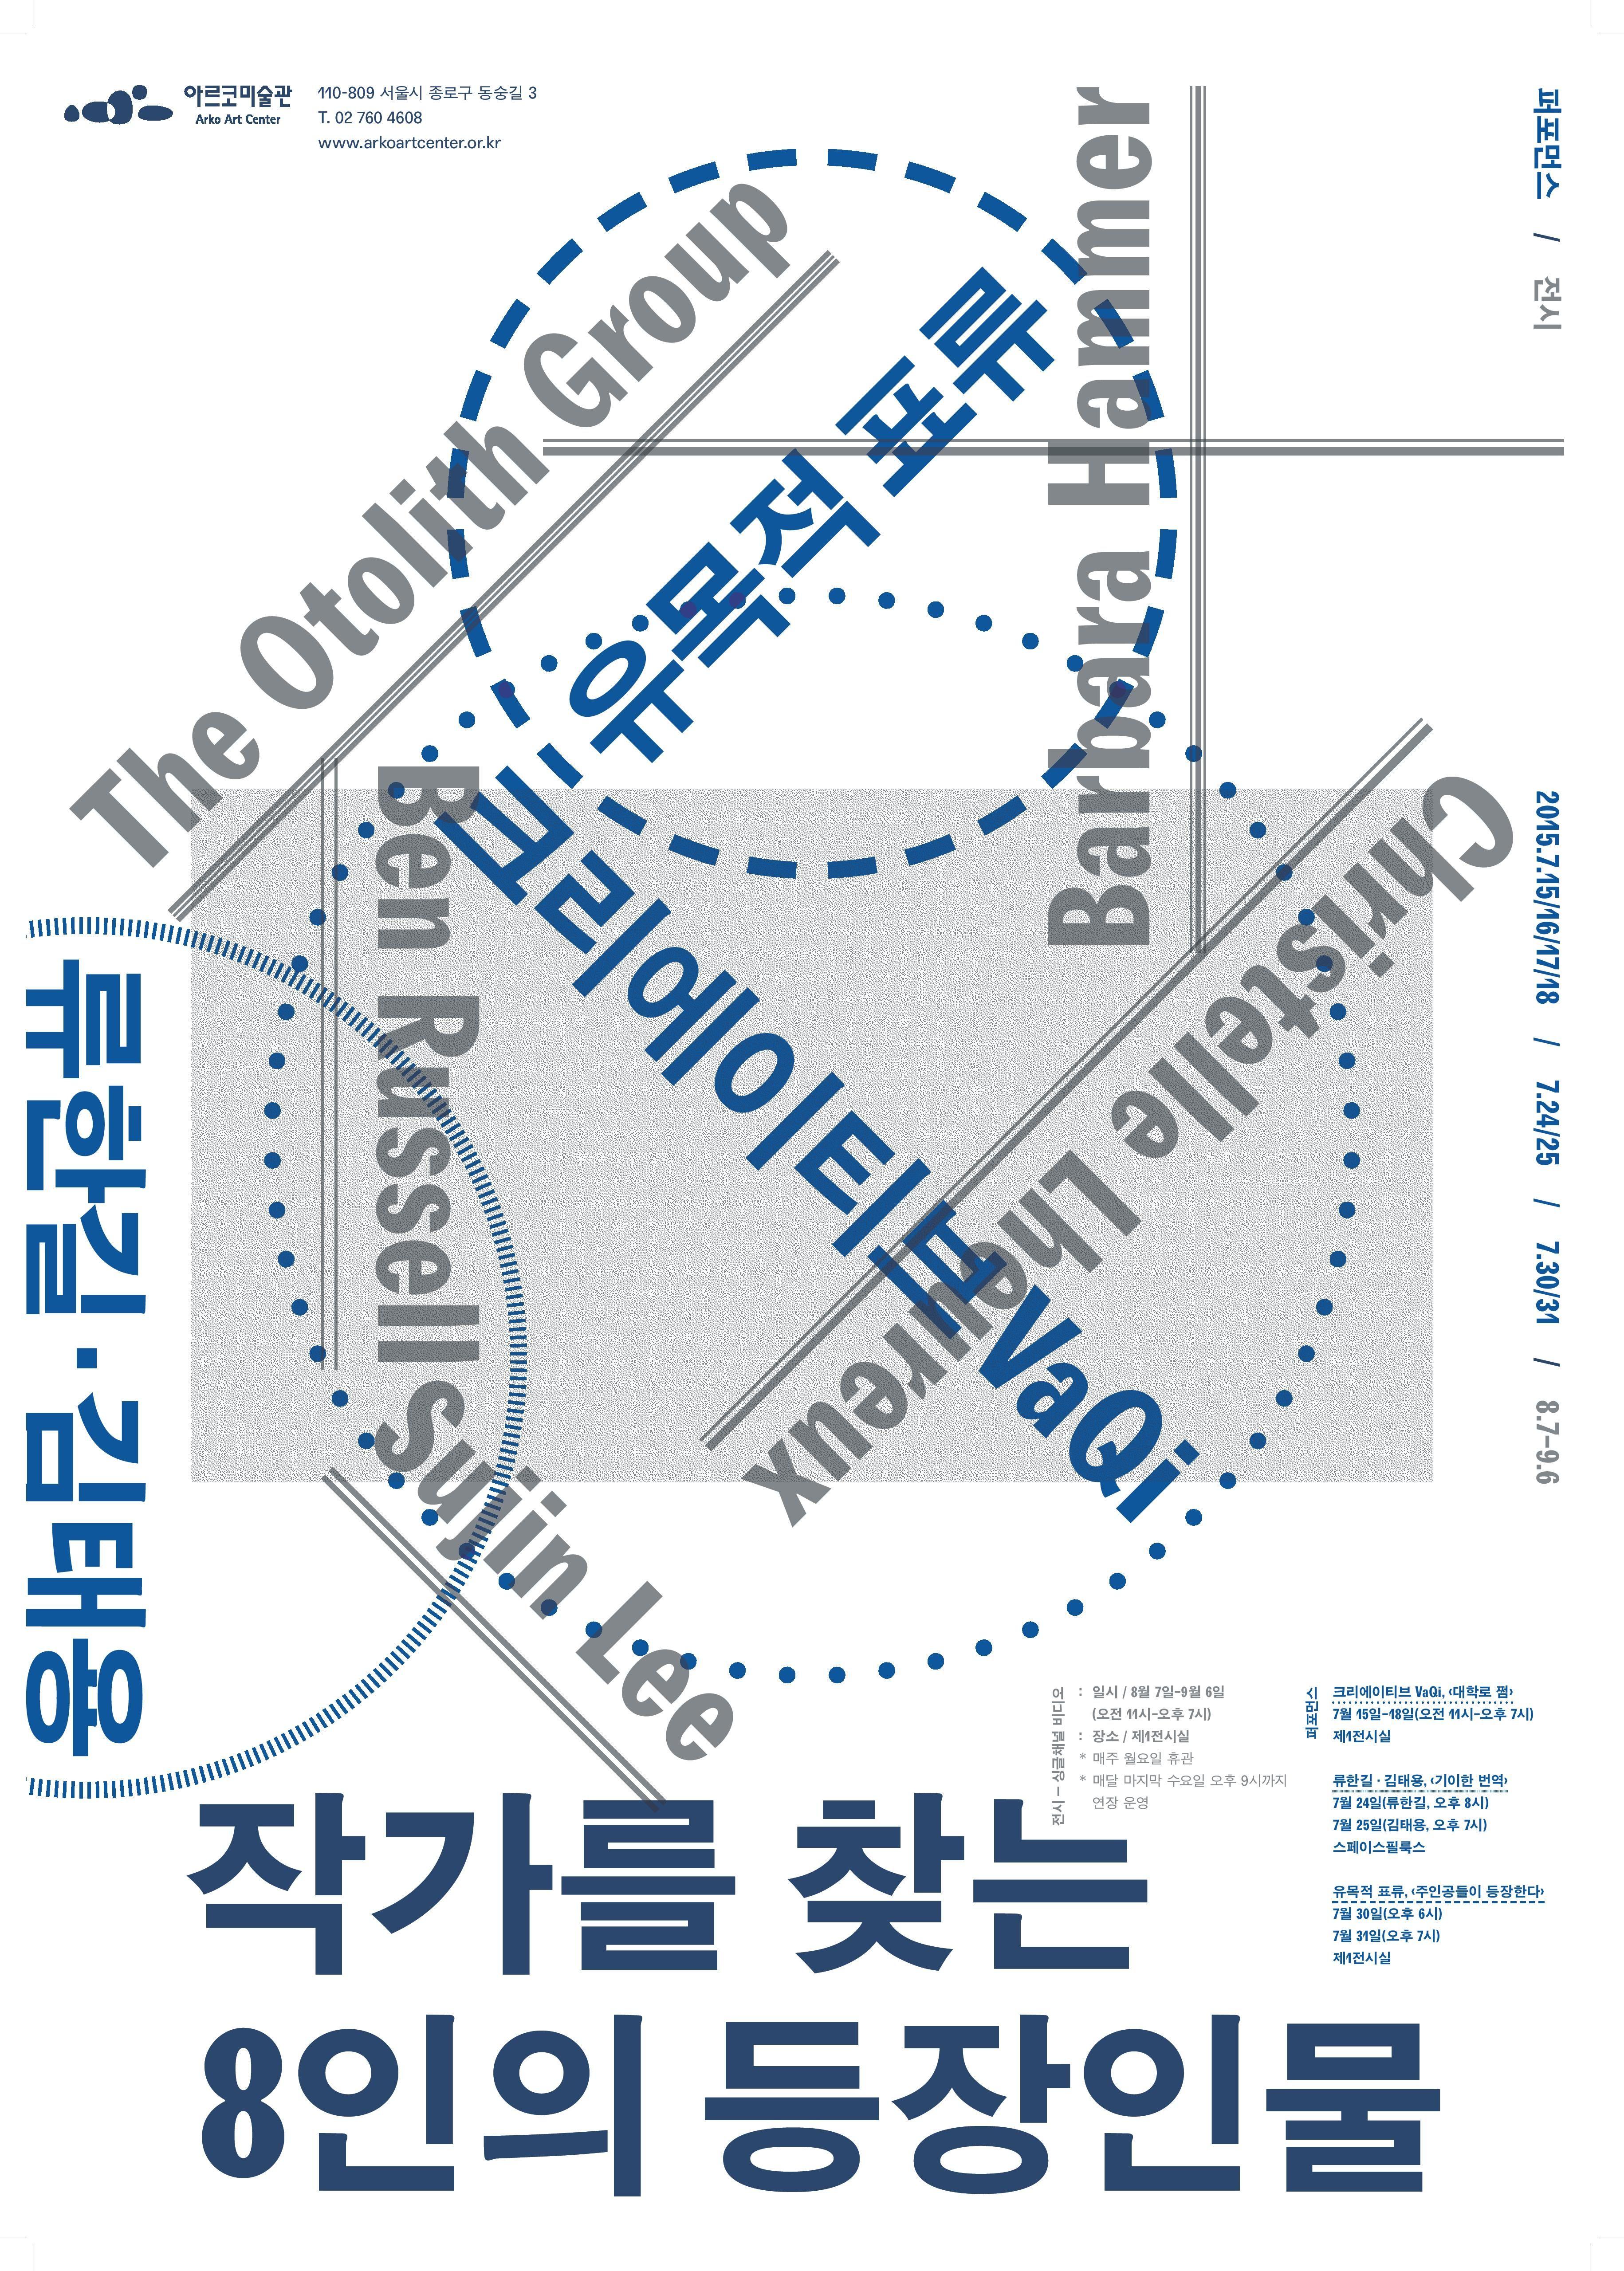 아르코미술관 홈페이지 - 2015 아르코미술관 융복합기획전